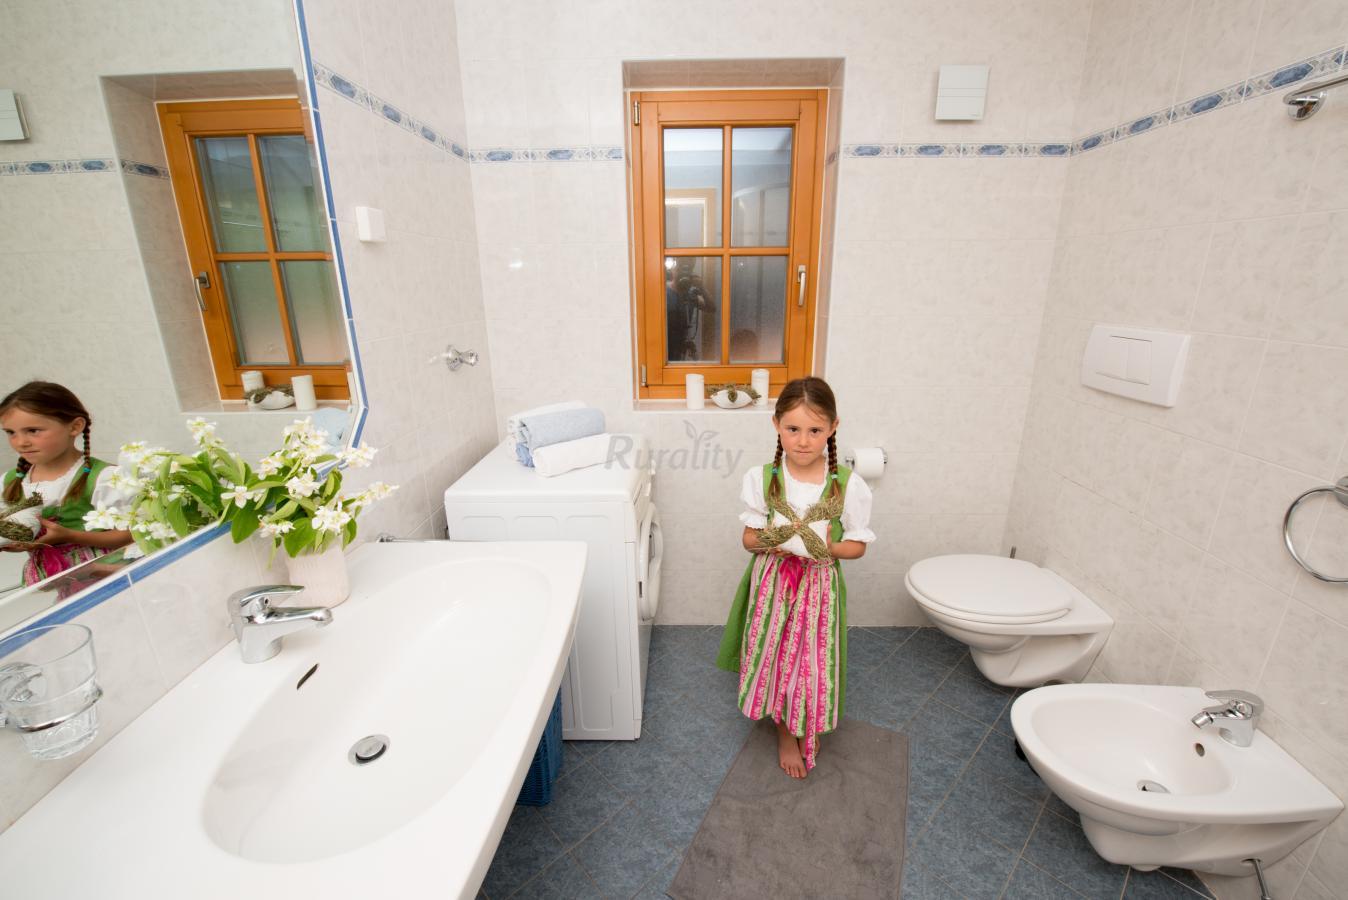 Foto di pitzelter casa vacanze acastelrotto bolzano - Bagno italiano opinioni ...